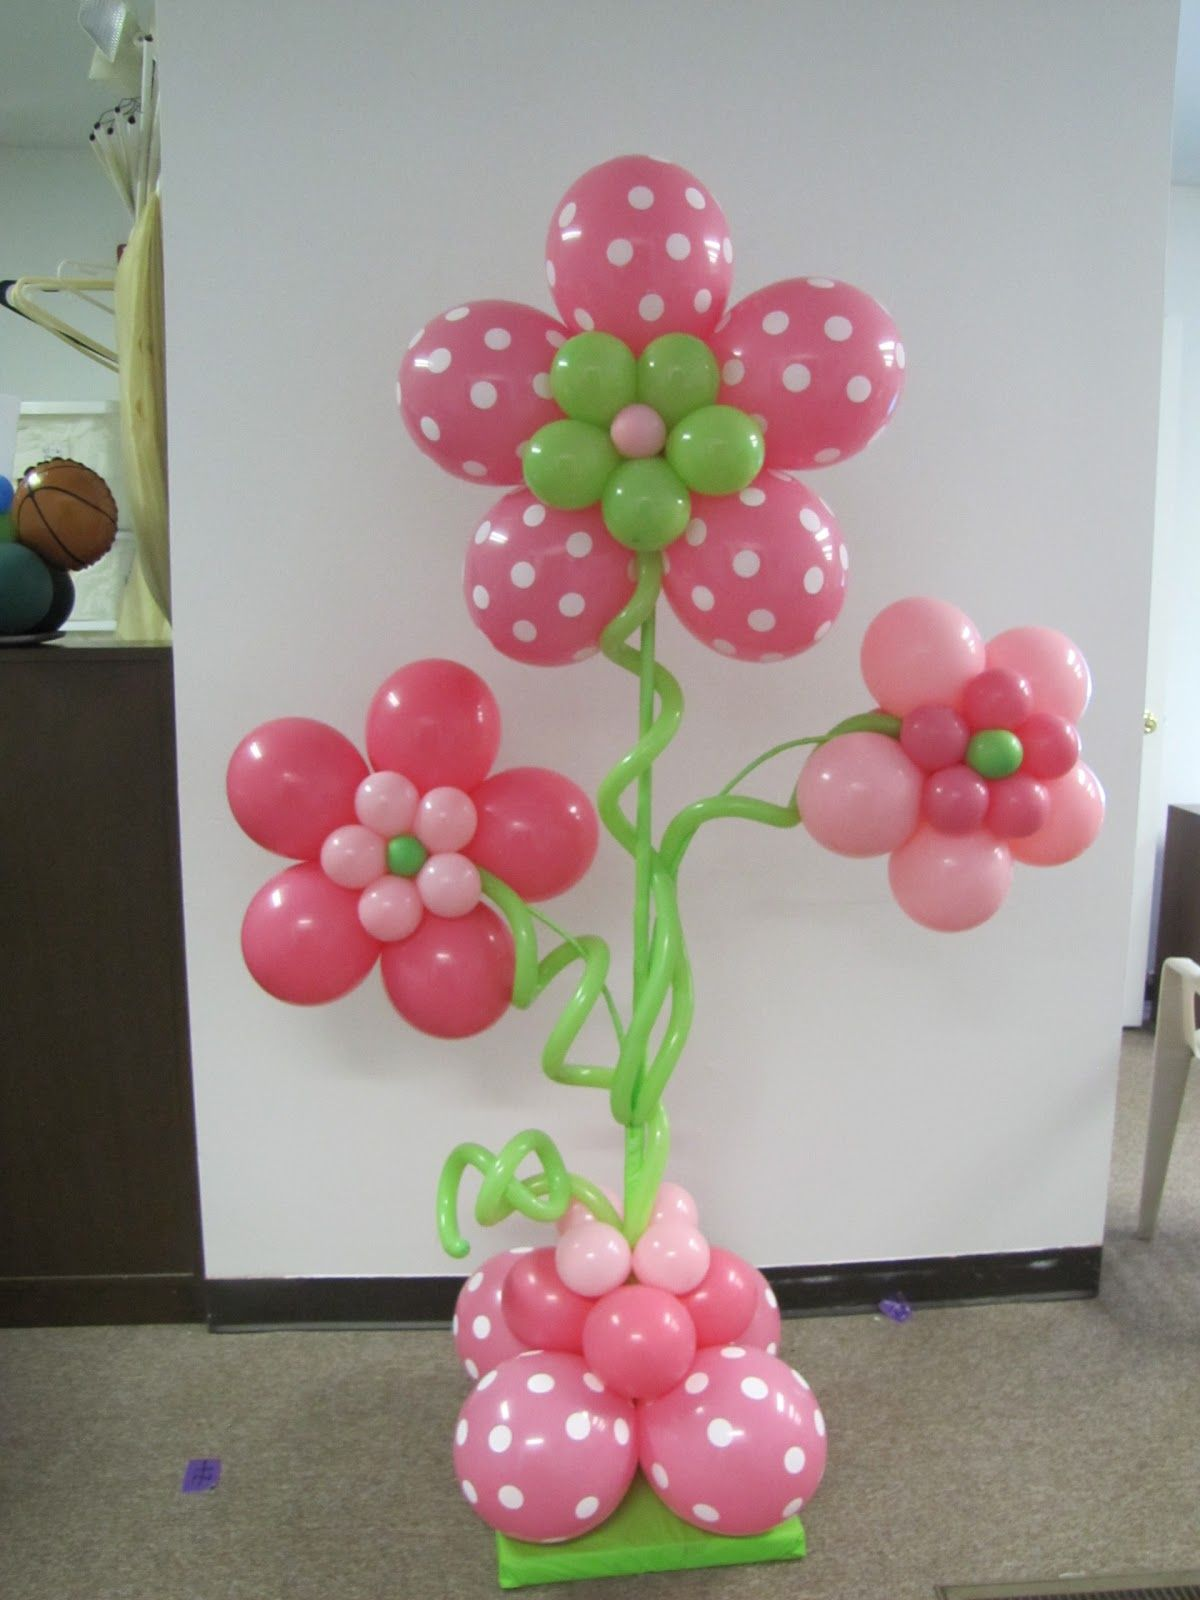 Luftballoon celebración Cumpleaños fija decorativas decoración streuartikel